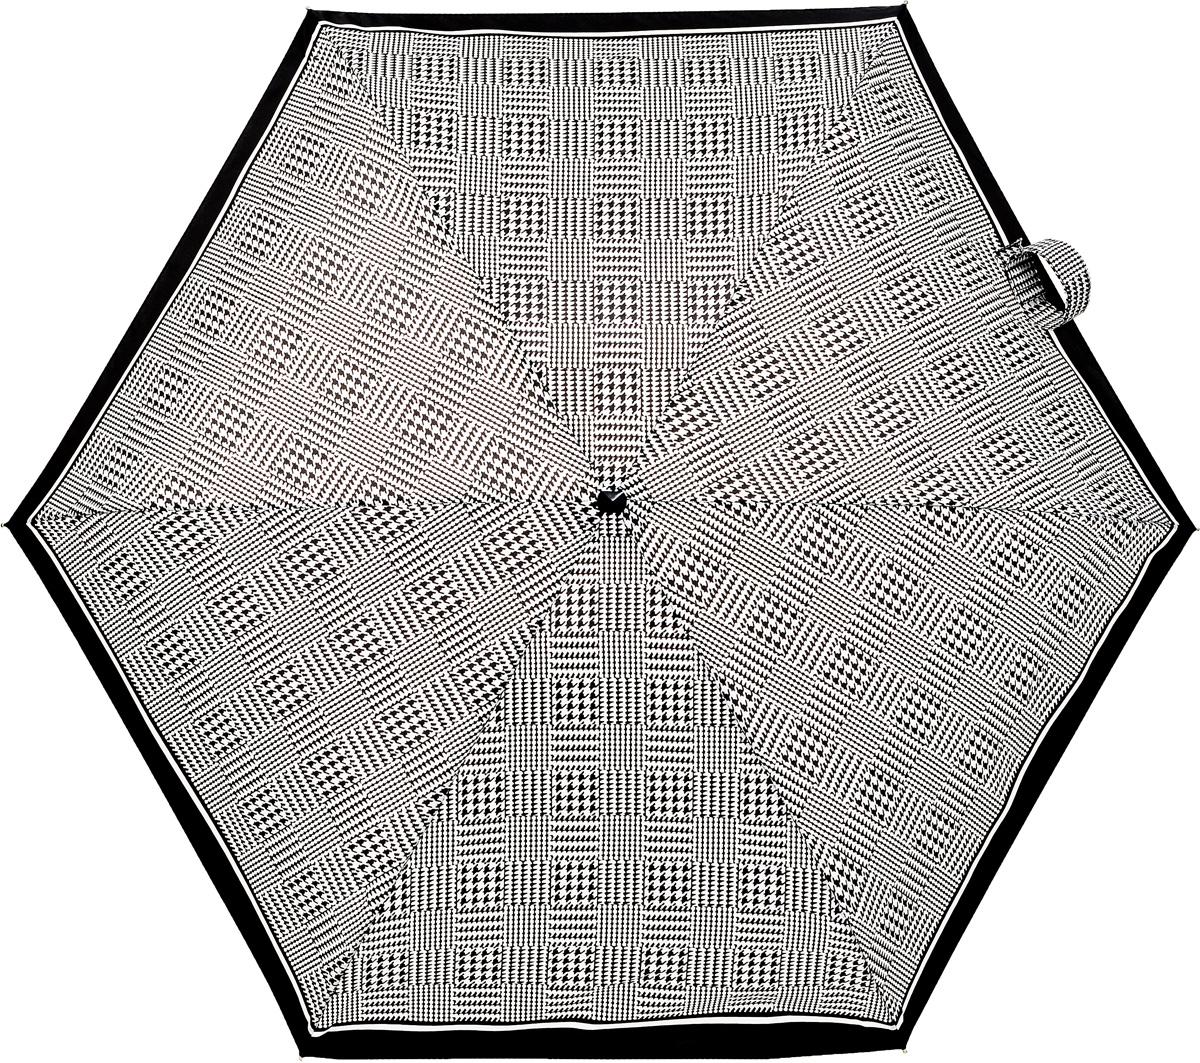 Зонт женский механика Fulton, расцветка: гусиная лапка. L501-2248 ClassicPuppytoothL501-2248 ClassicPuppytoothПрочный, необыкновенно компактный зонт, который с легкостью поместится в маленькую сумочку. Удобный плоский чехол. Облегченный алюминиевый каркас с элементами из фибергласса. Ветроустойчивая конструкция. Размеры зонта в сложенном виде 15смх6смх3см, диаметр купола 87 см.